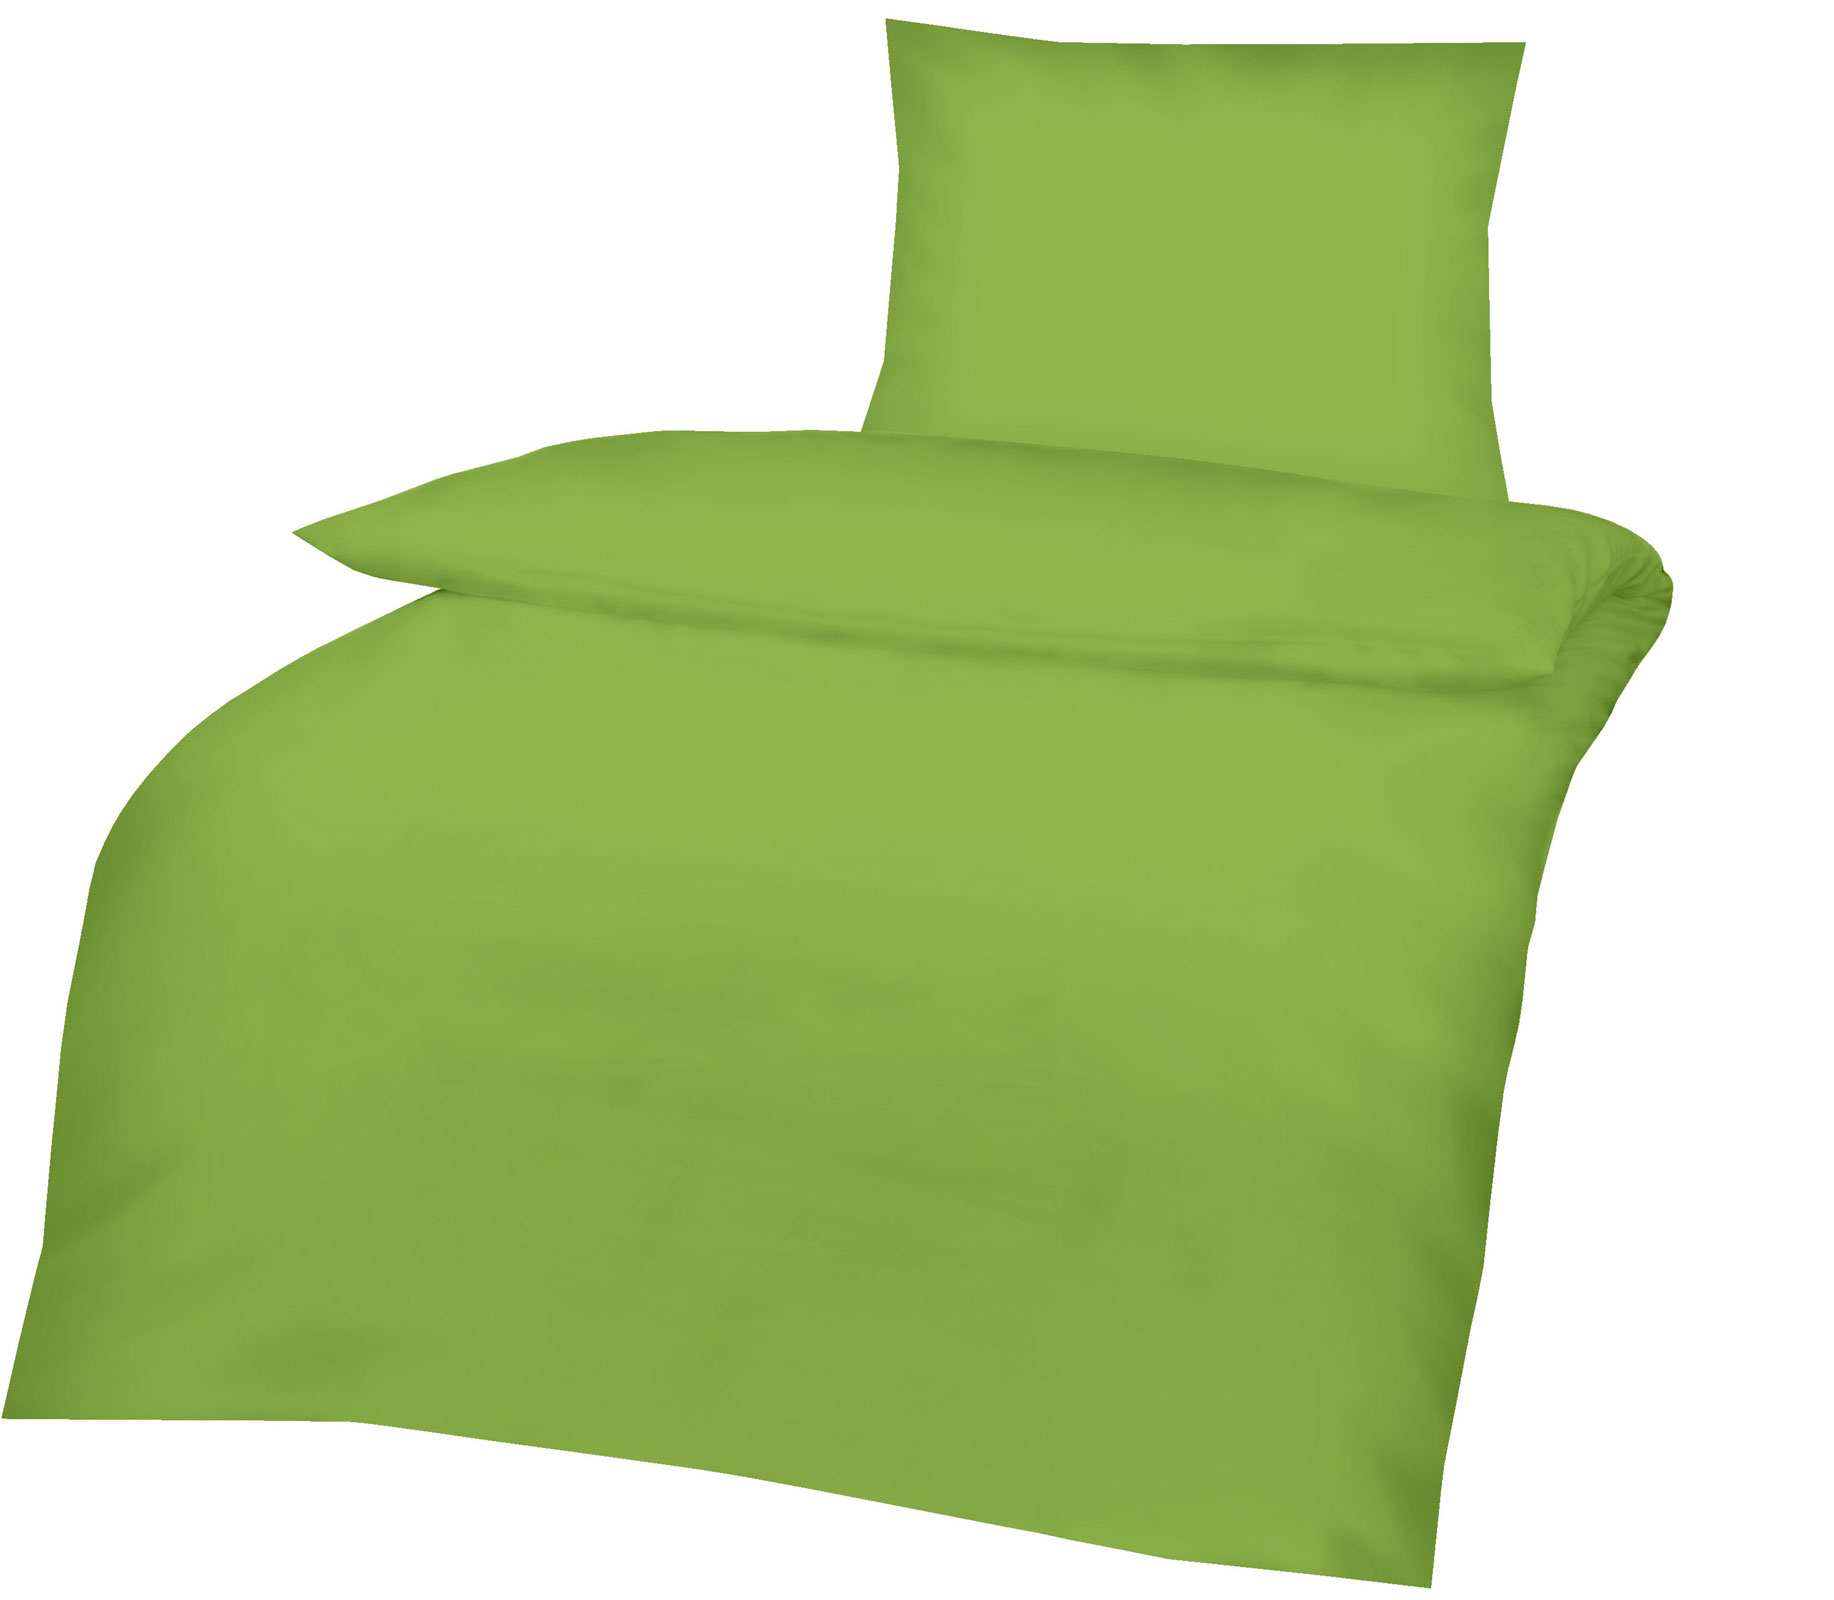 Bettwäsche - Renforce Bettwäsche 135x200 80x80 grün Art 417640  - Onlineshop PremiumShop321